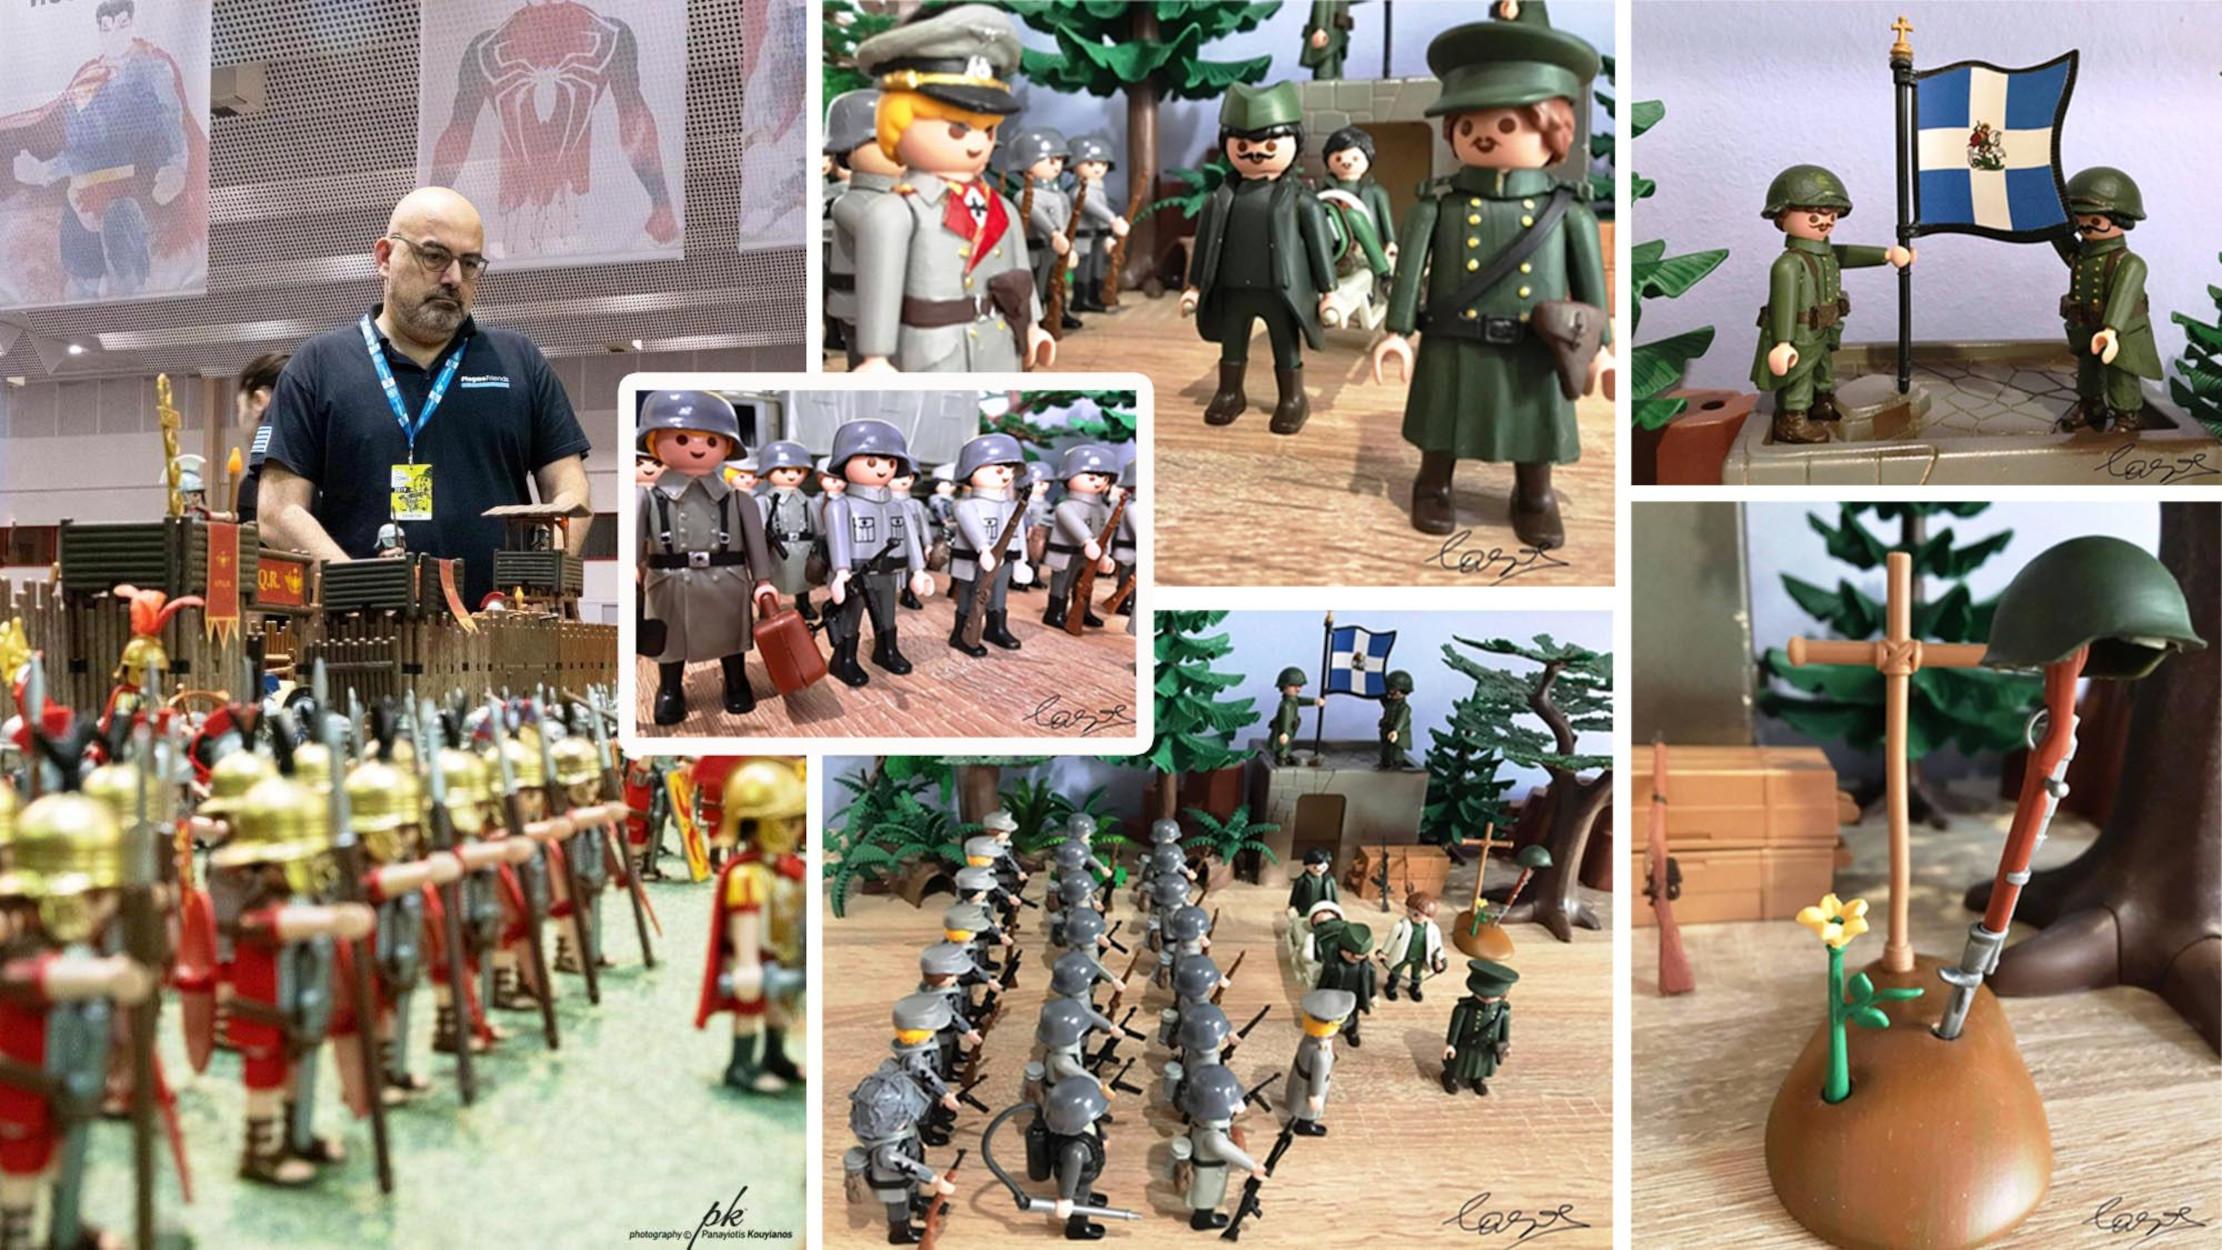 Η Μάχη του Οχυρού Ρούπελ σε μια εντυπωσιακή αναπαράσταση με Playmobil (pic)